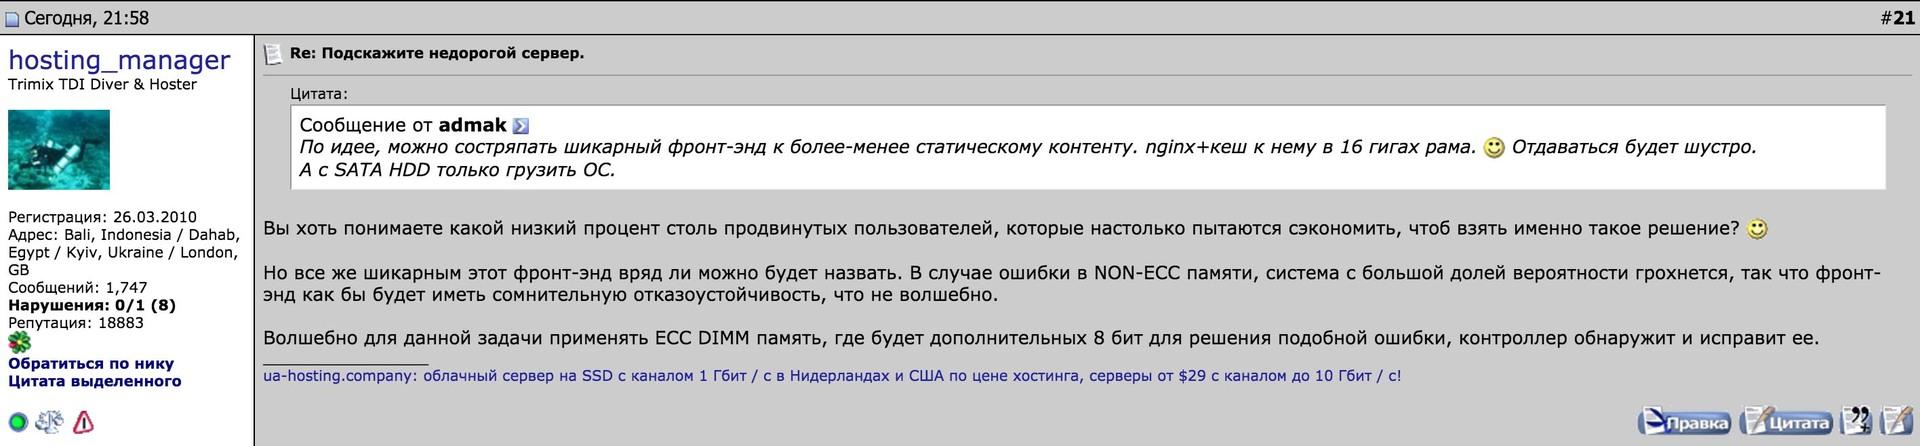 Клиентом хостинг становится доступным посетителей сети после окончательной проверки откры бесплатные хостинги серверов minecraft с модами